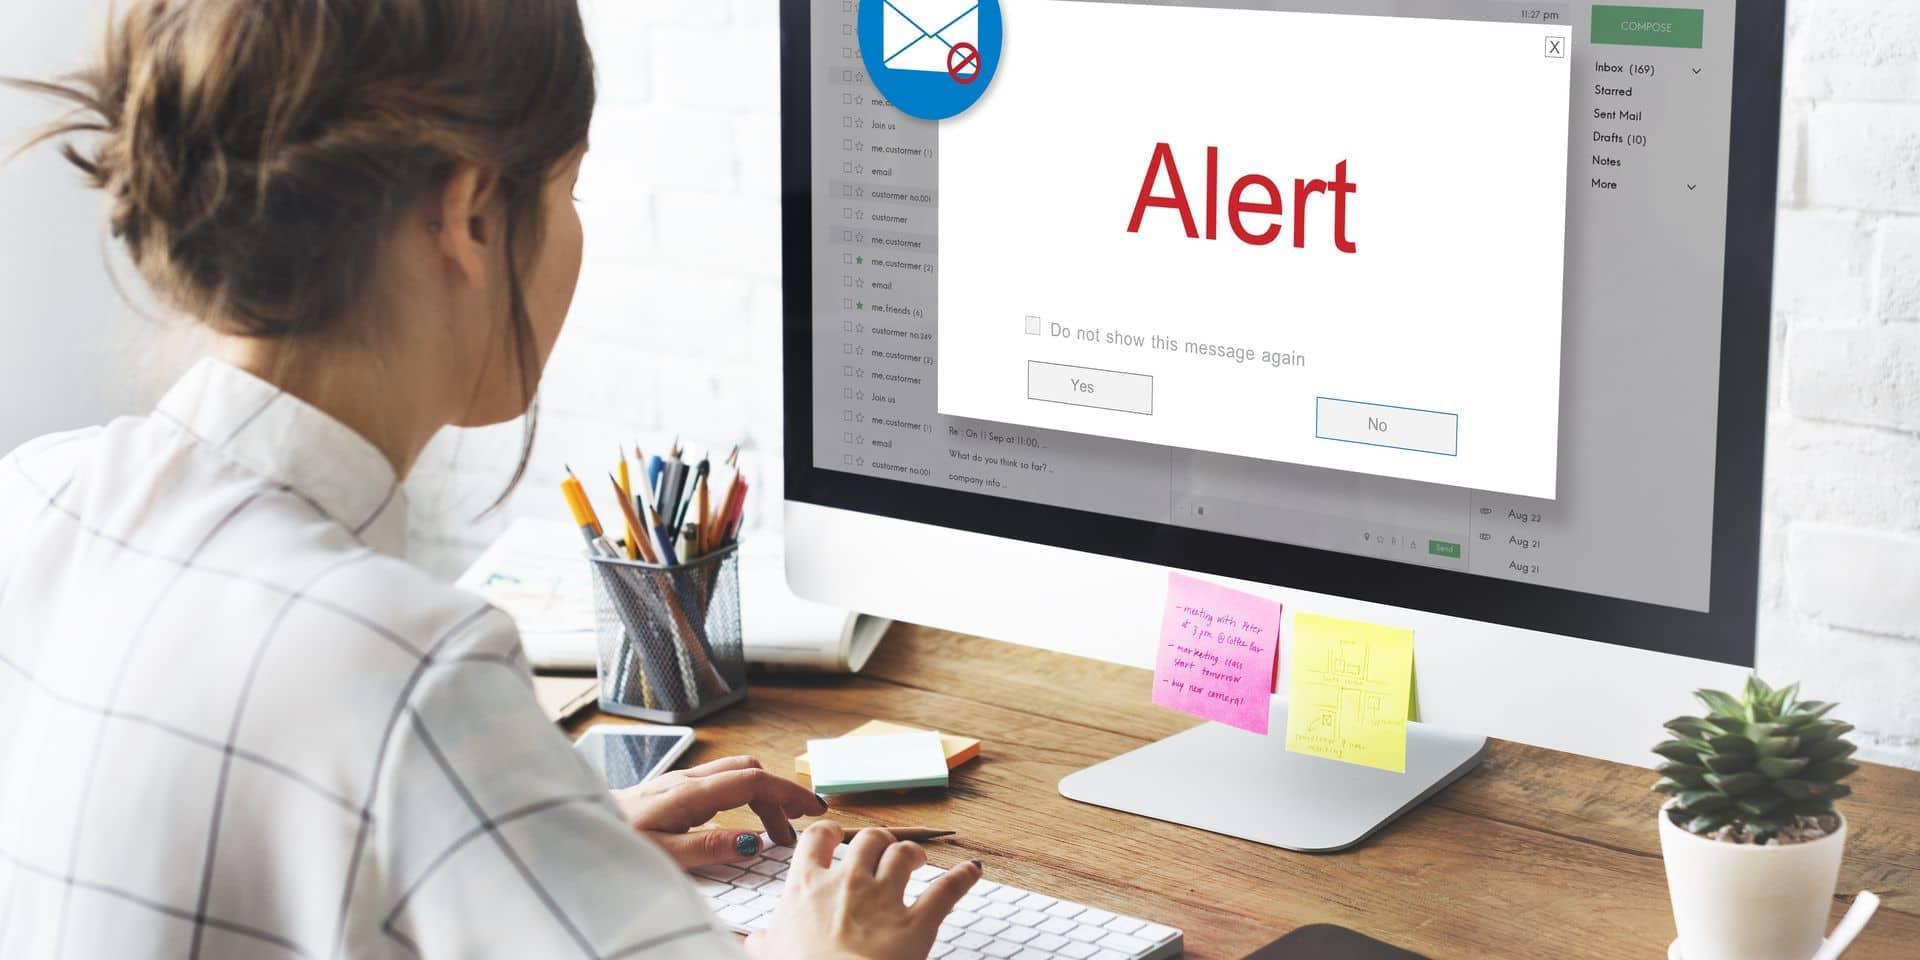 Les fraudes informatiques explosent en Brabant wallon: +30% en un an!